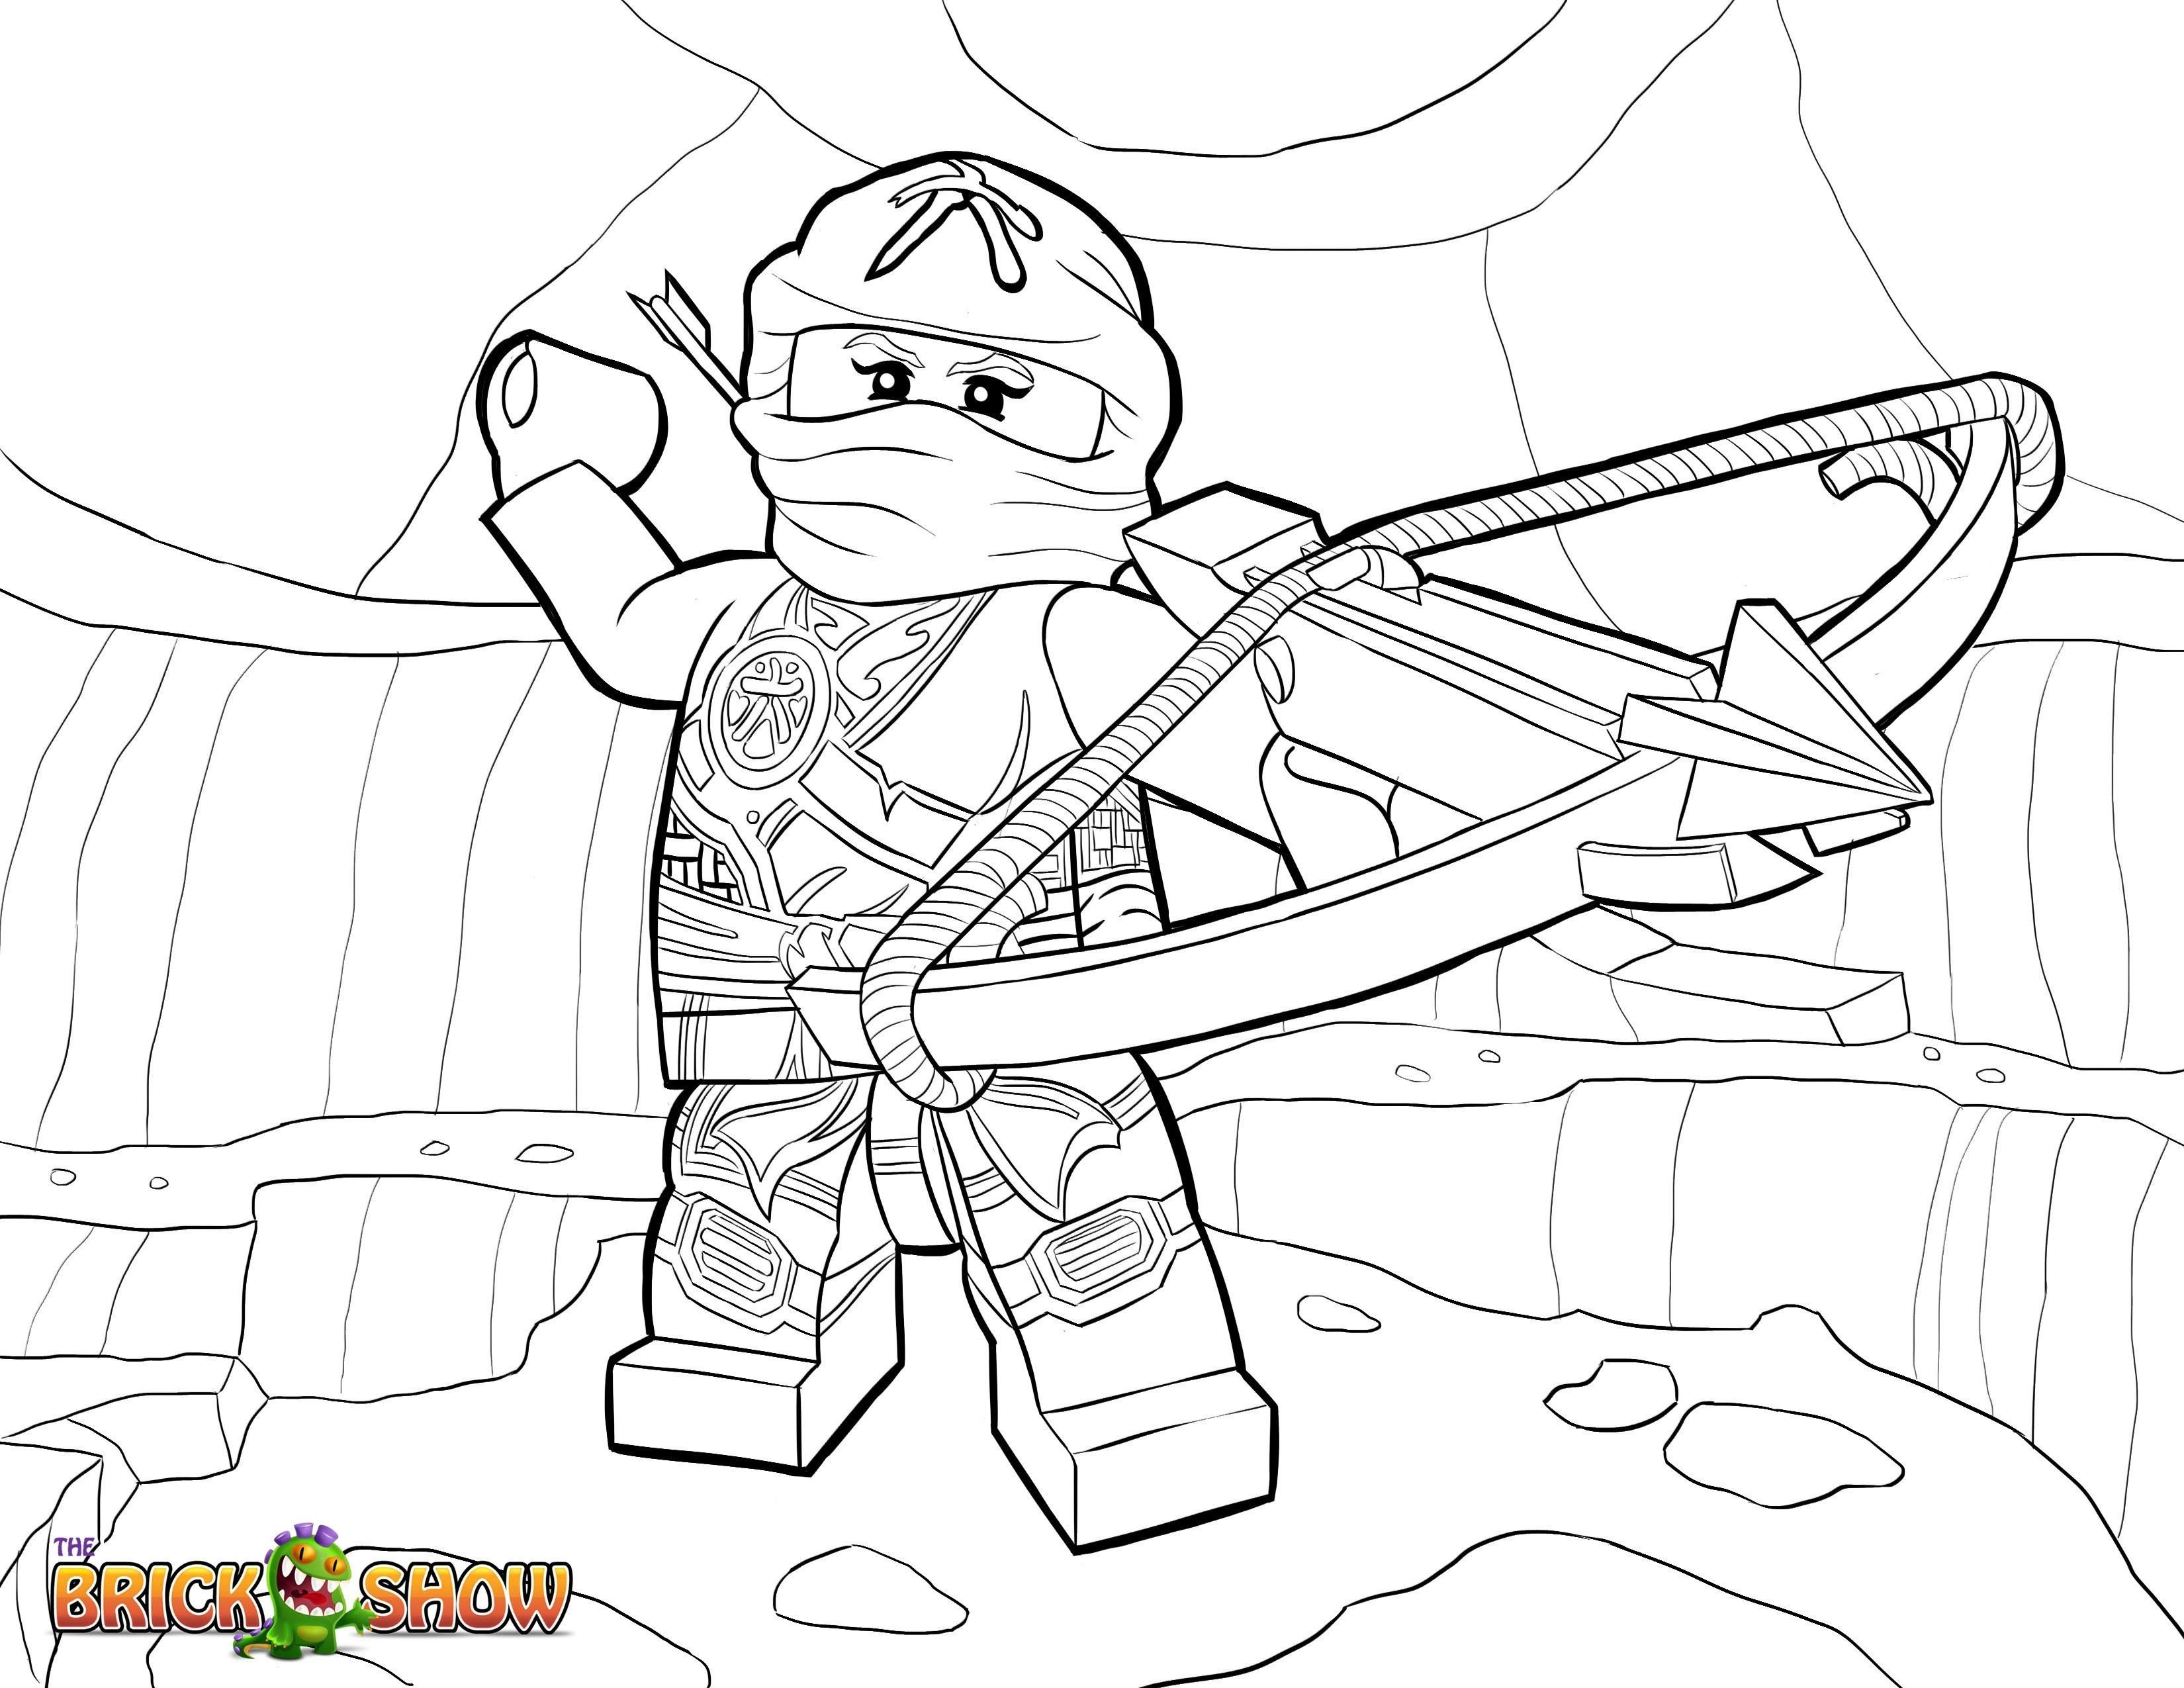 Lego Star Wars Malvorlagen Frisch 10 Malvorlagen Star Wars Raumschiffe My Blog Bild